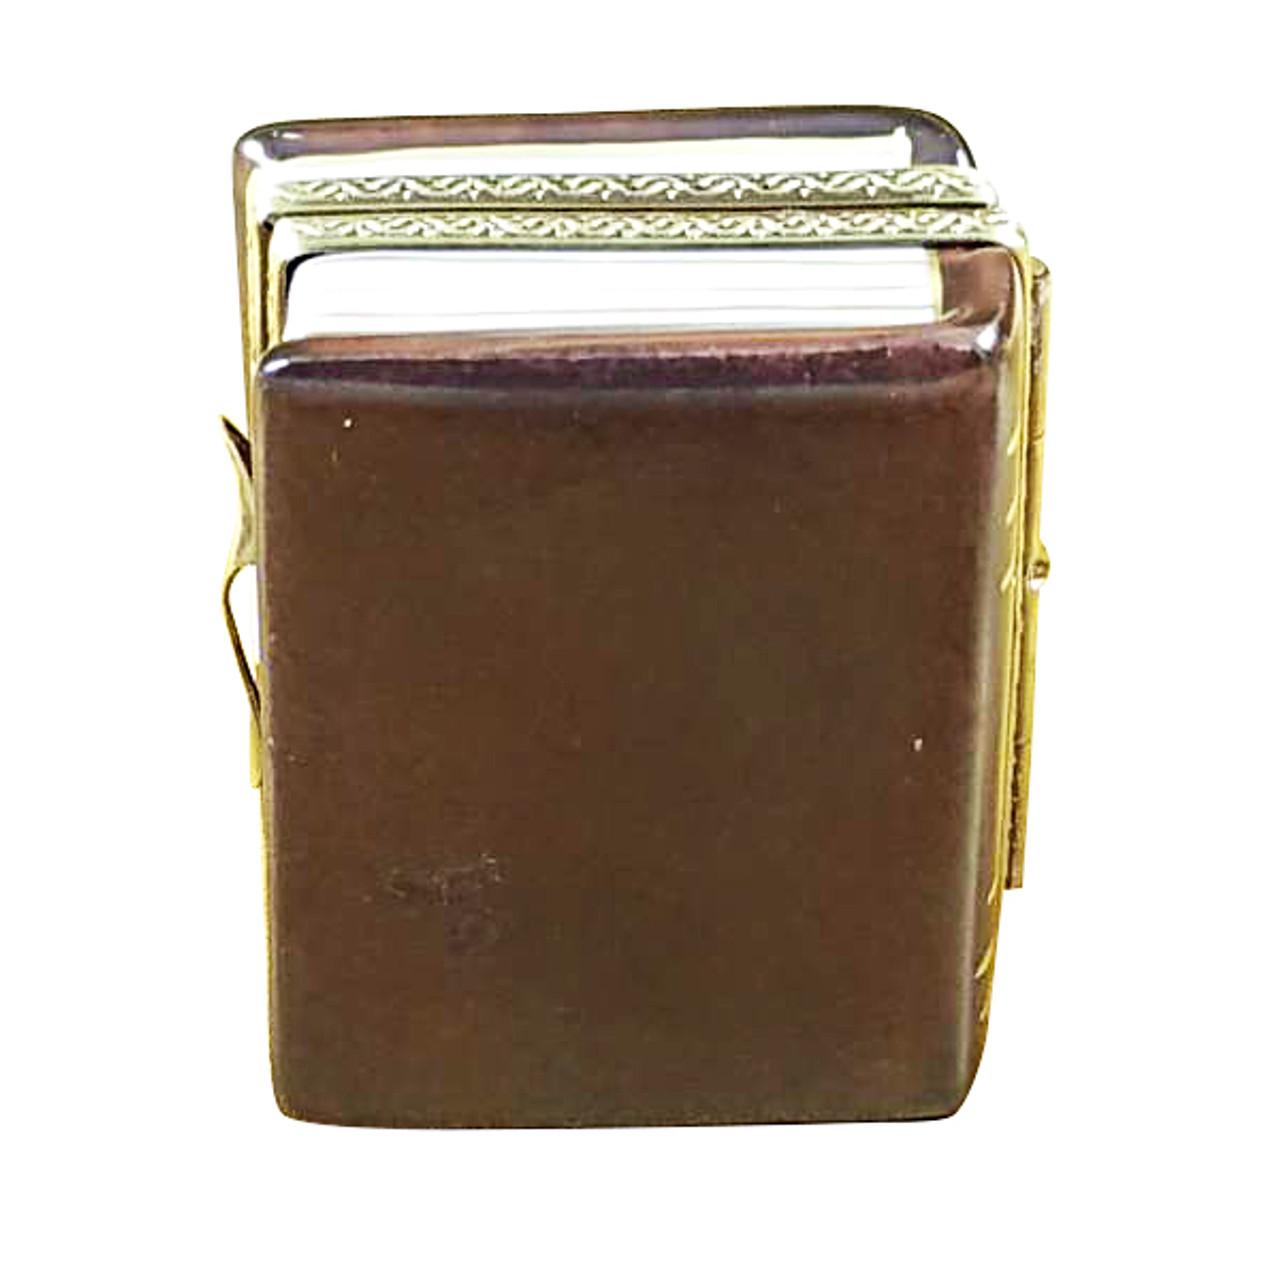 Cookbook W/Spoon Rochard Limoges Box